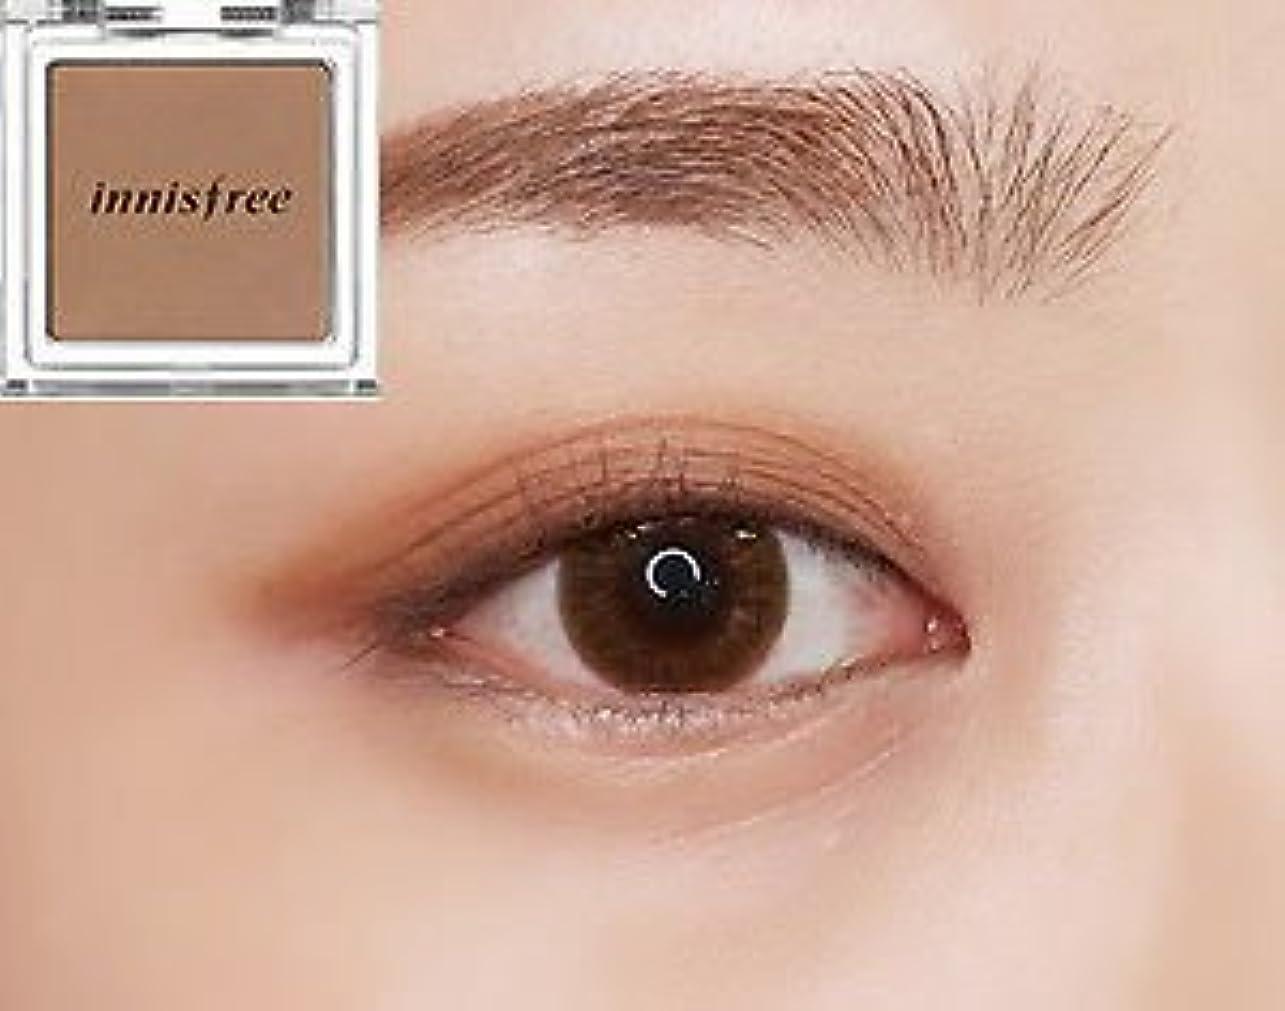 精神的に短くするなだめる[イニスフリー] innisfree [マイ パレット マイ アイシャドウ (マット) 40カラー] MY PALETTE My Eyeshadow (Matte) 40 Shades [海外直送品] (マット #19)